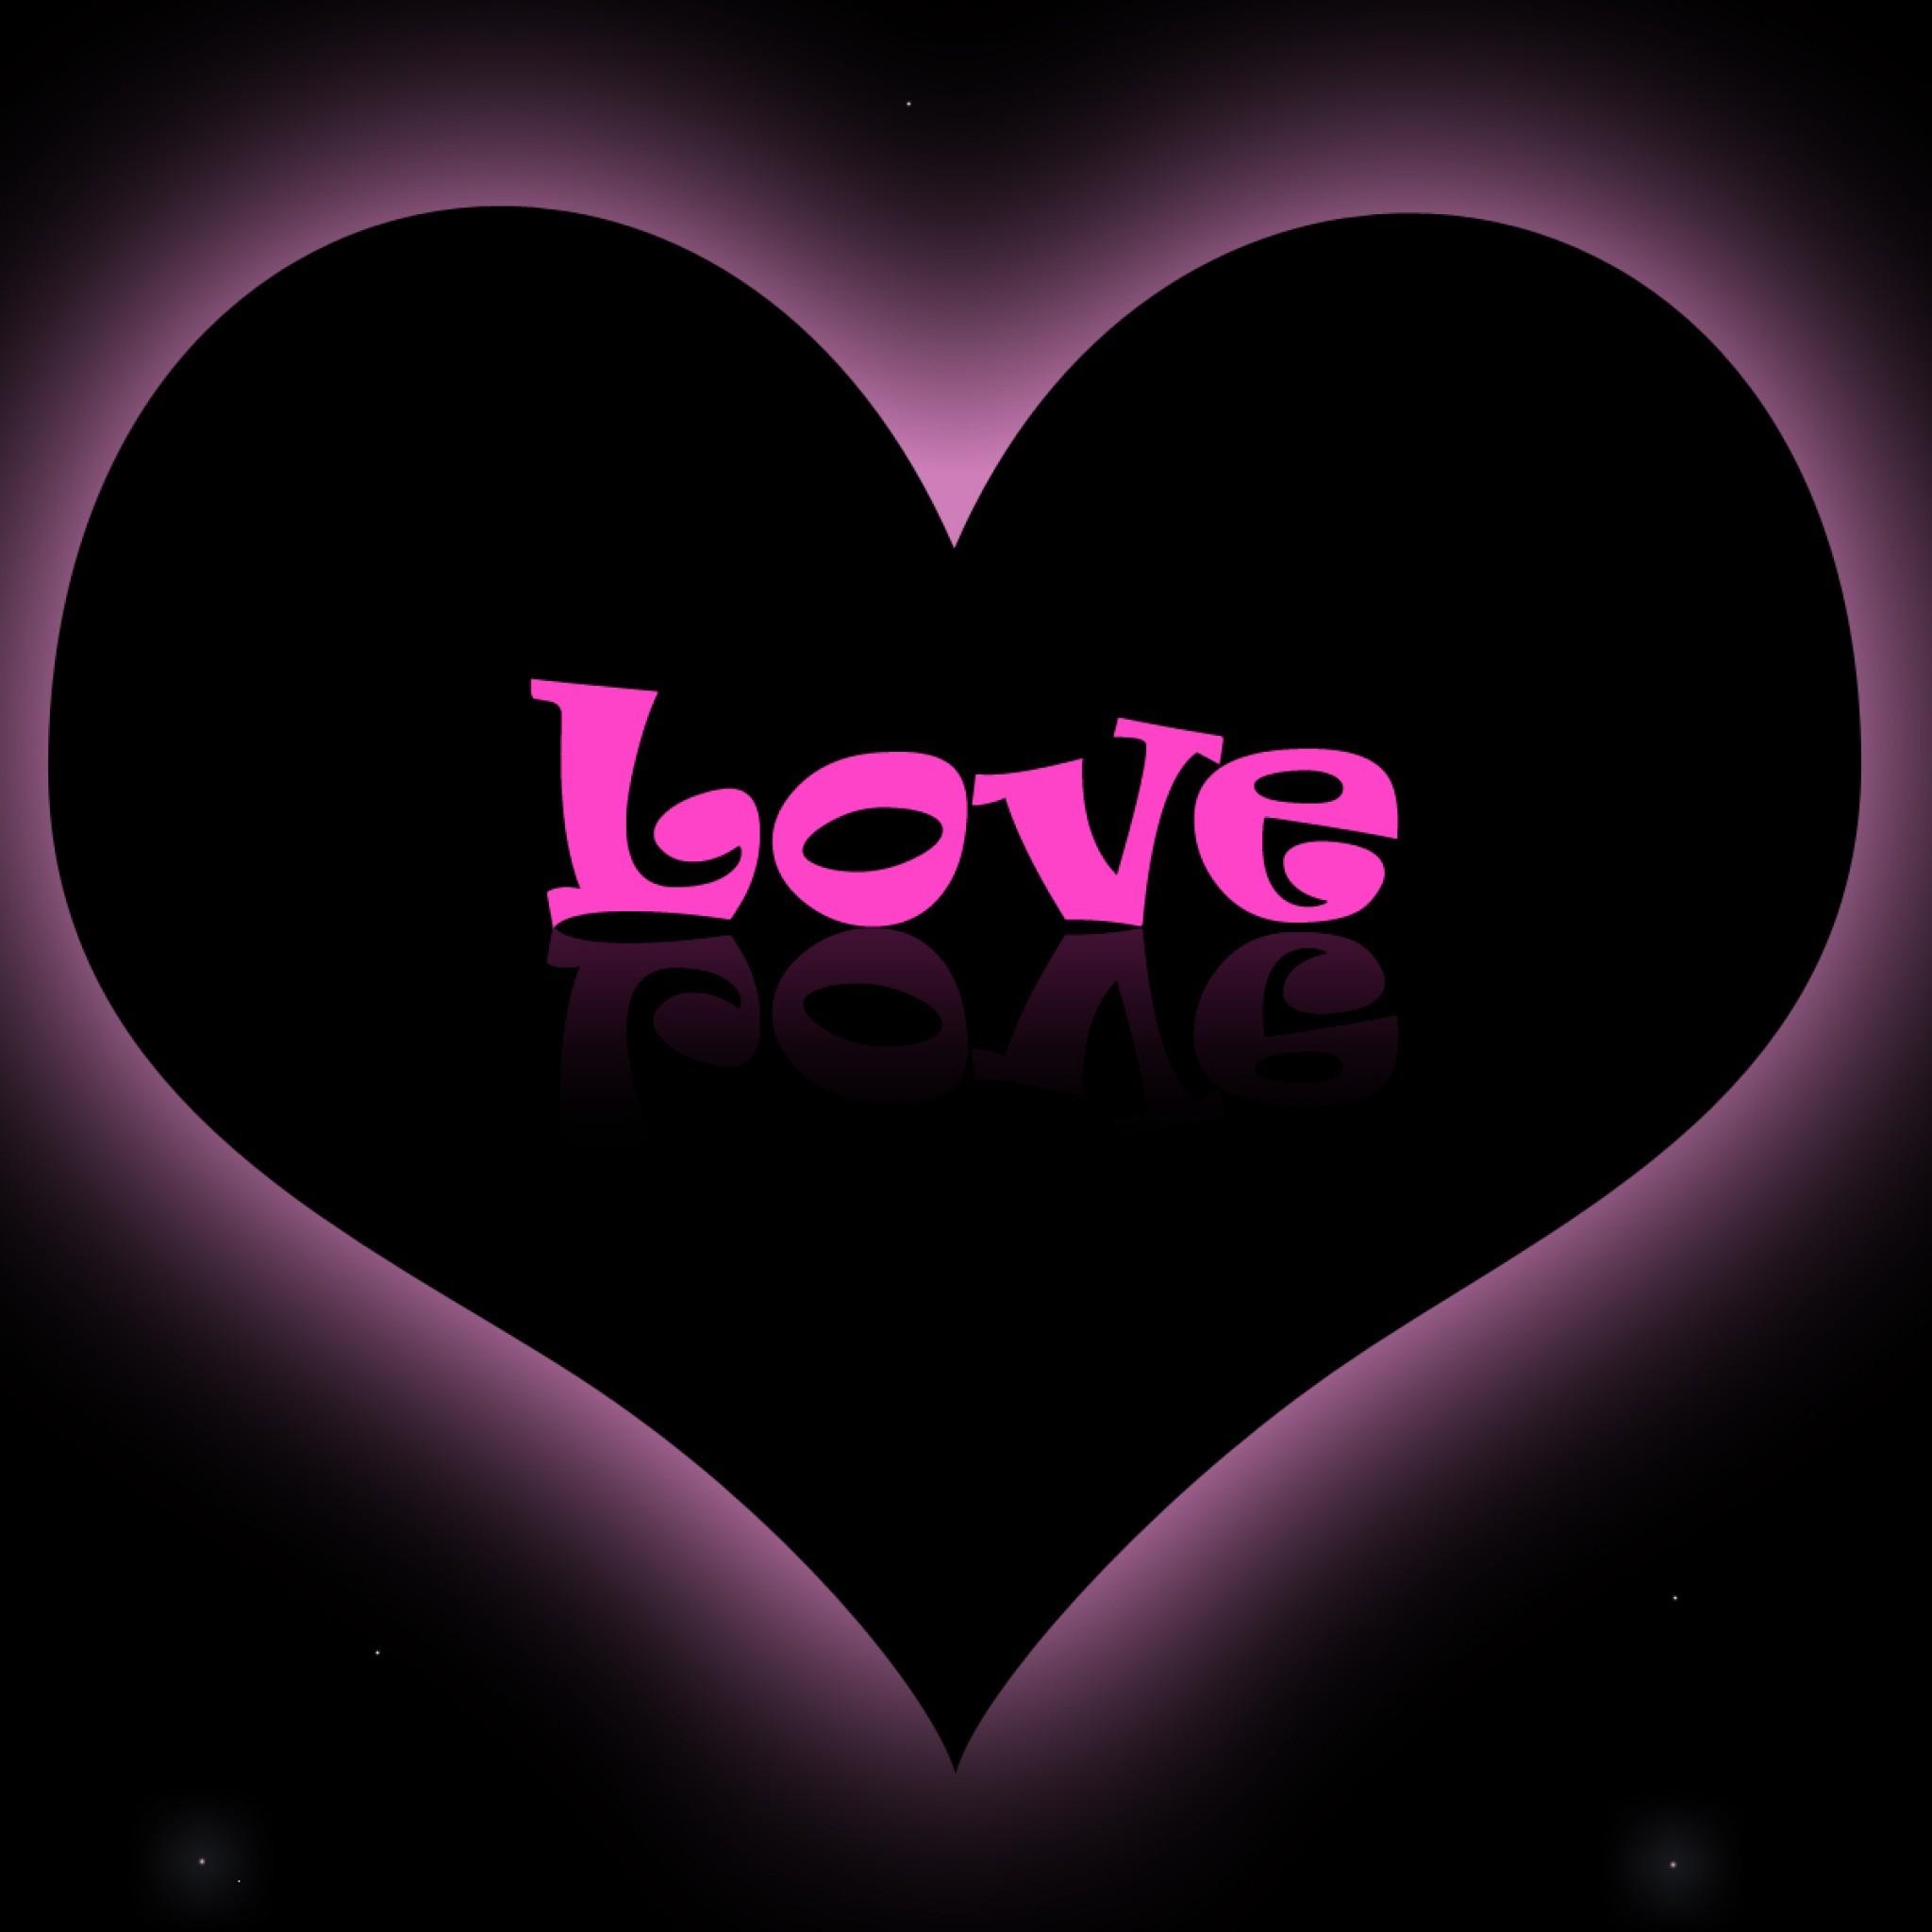 Love Heart Love Pink Purple Wallpaper #13481 Wallpaper computer | best  website wallpaperput.com